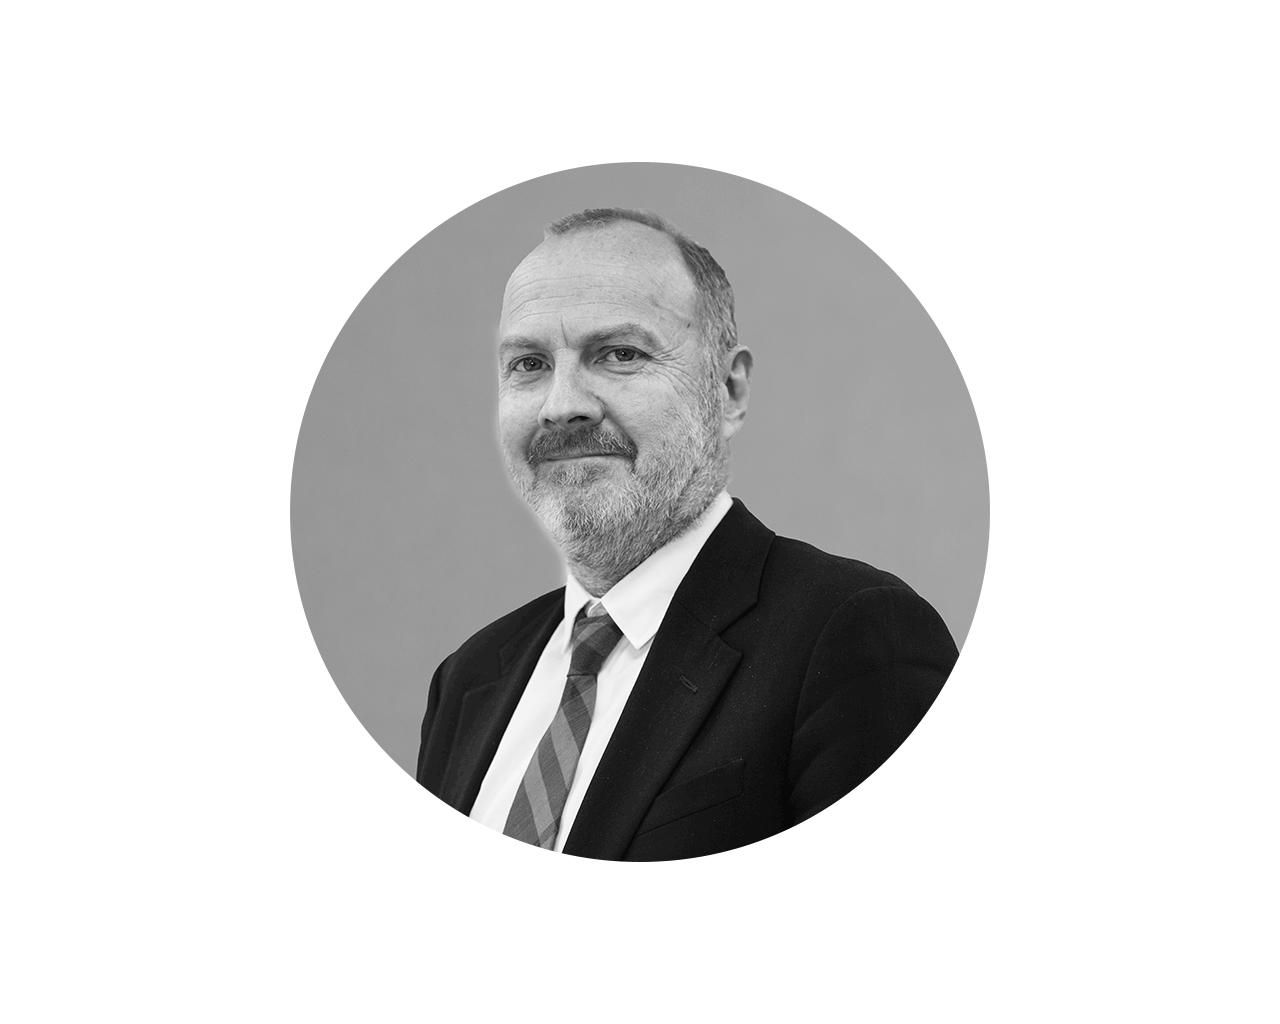 Neal Smith - Chief Finance OfficerNeal es contador público y es Director de Finanzas y está a cargo del Cumplimiento Normativo de RedCloud y su grupo de empresas. Tiene más de veinticinco años de experiencia en el desarrollo de estructuras financieras en empresas de tecnología y software, auditoría, fusiones y adquisiciones, incluyendo Cumplimiento Normativo y estructuración fiscal eficiente.